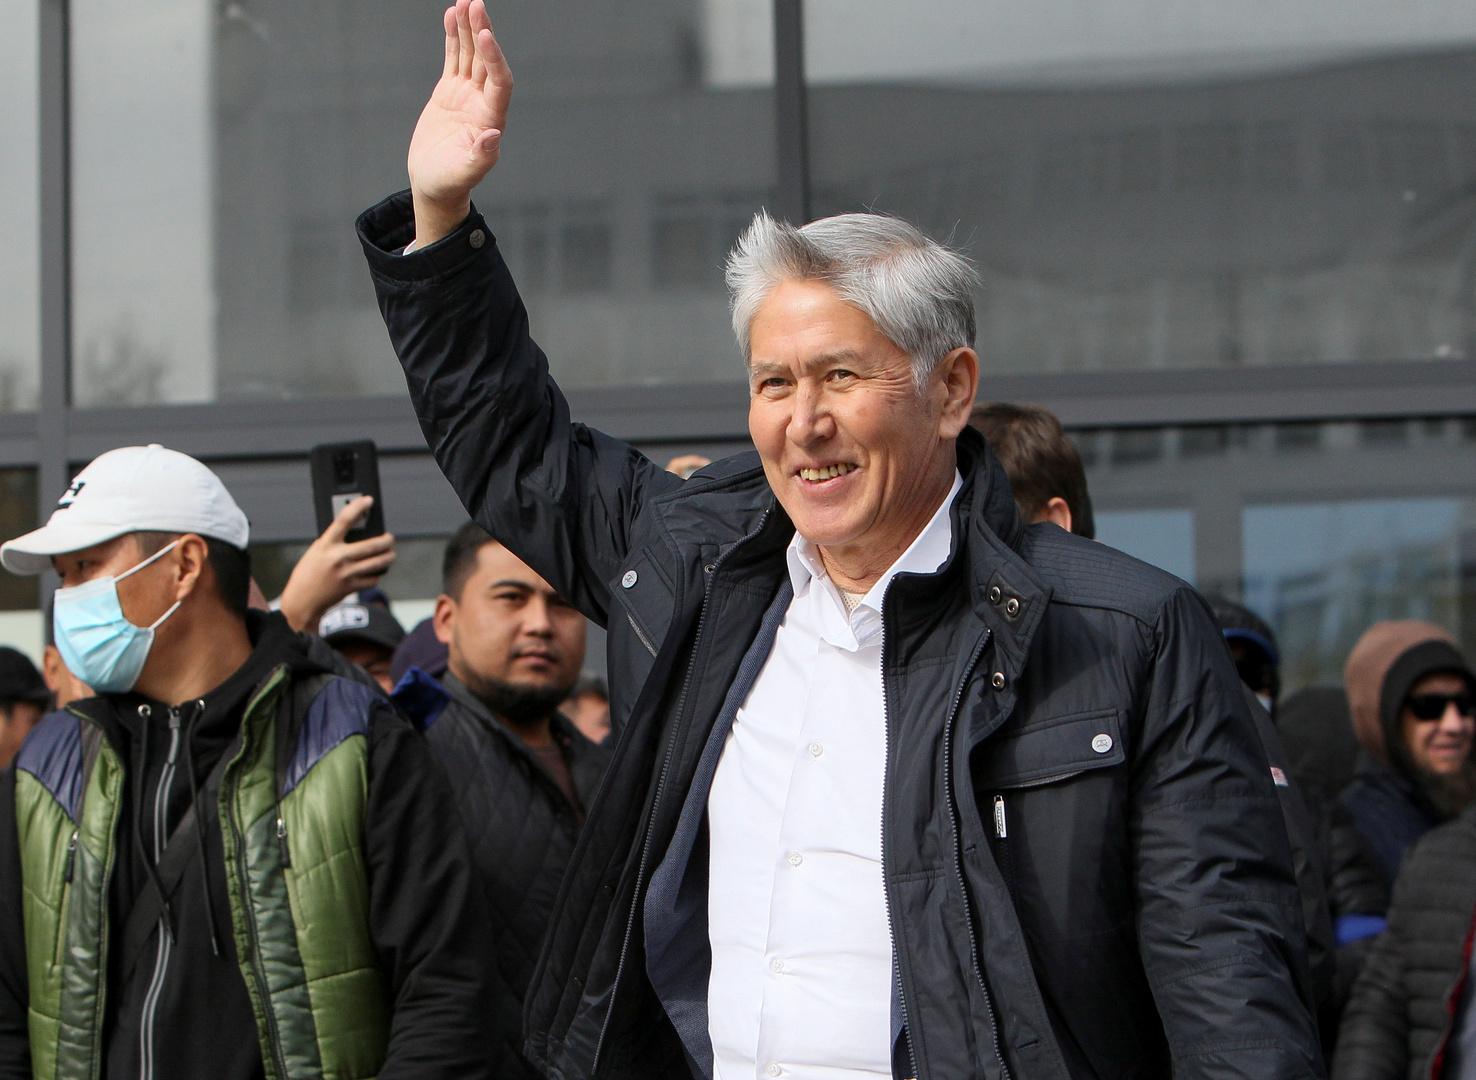 قرغيزستان.. اعتقال الرئيس السابق أتامباييف بعد يوم من تعرضه لإطلاق الرصاص